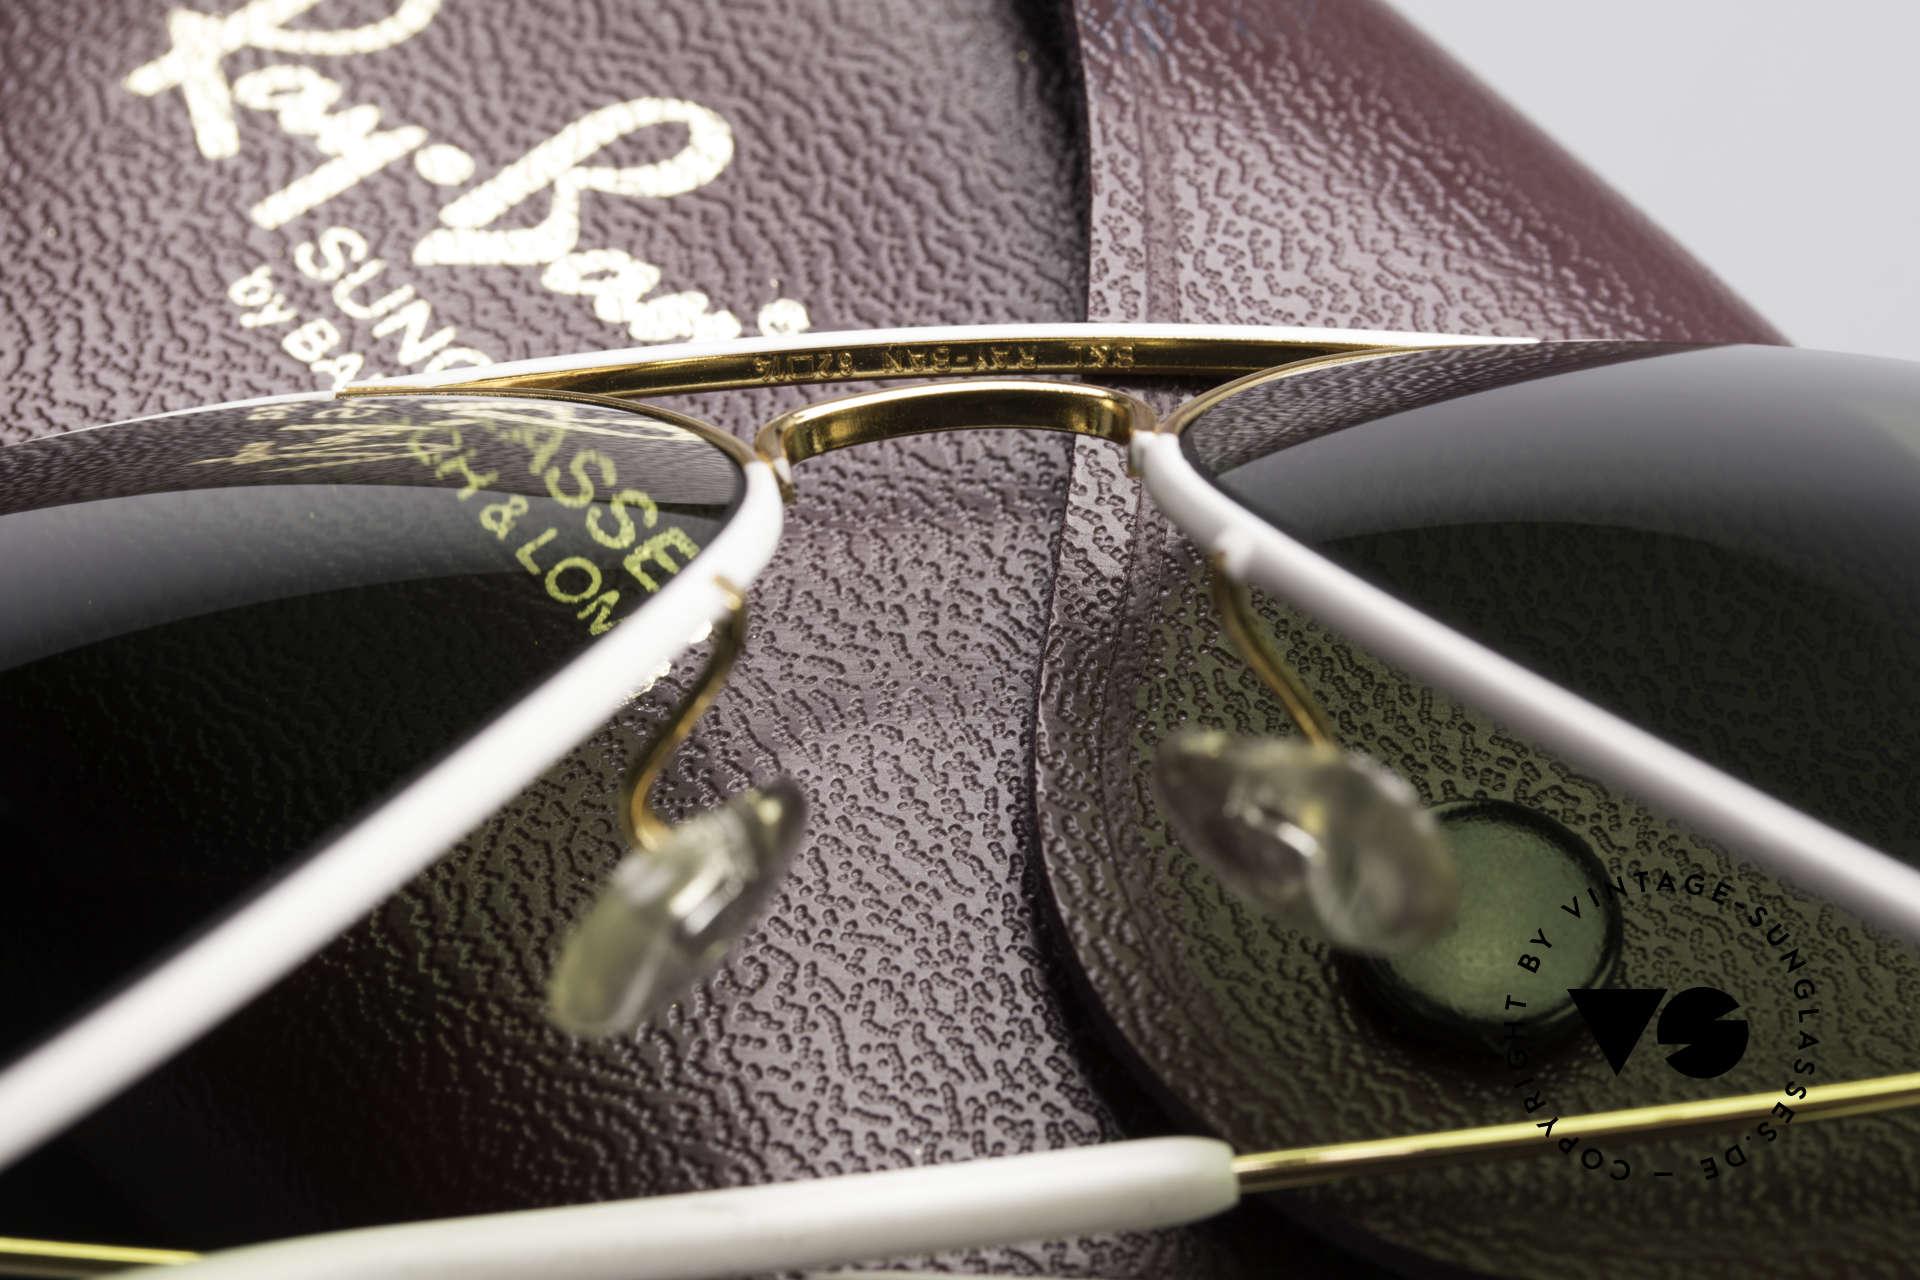 Ray Ban Large Metal II Flying Colors Limited Edition, ungetragen (wie alle unsere vintage Ray Ban Brillen), Passend für Herren